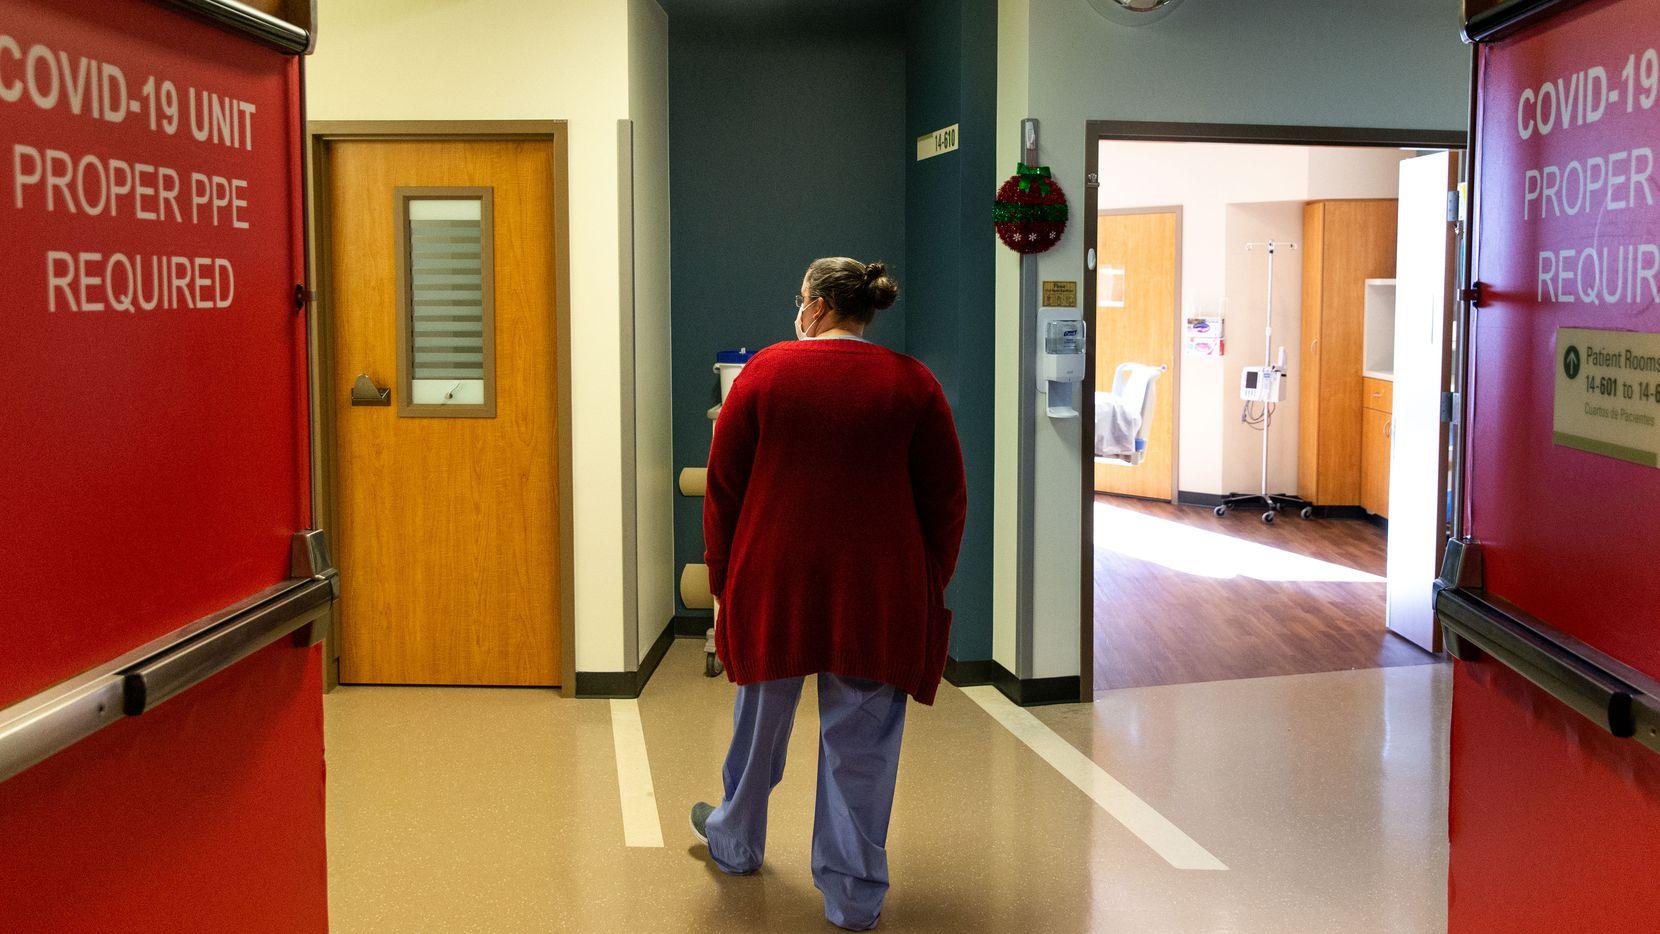 """La Unidad Táctica para pacientes de Covid-19 era conocida por el personal médico como """"Caja Roja"""". Por ahora ha sido cerrada y volverá a su uso original, una sala de cirugías."""